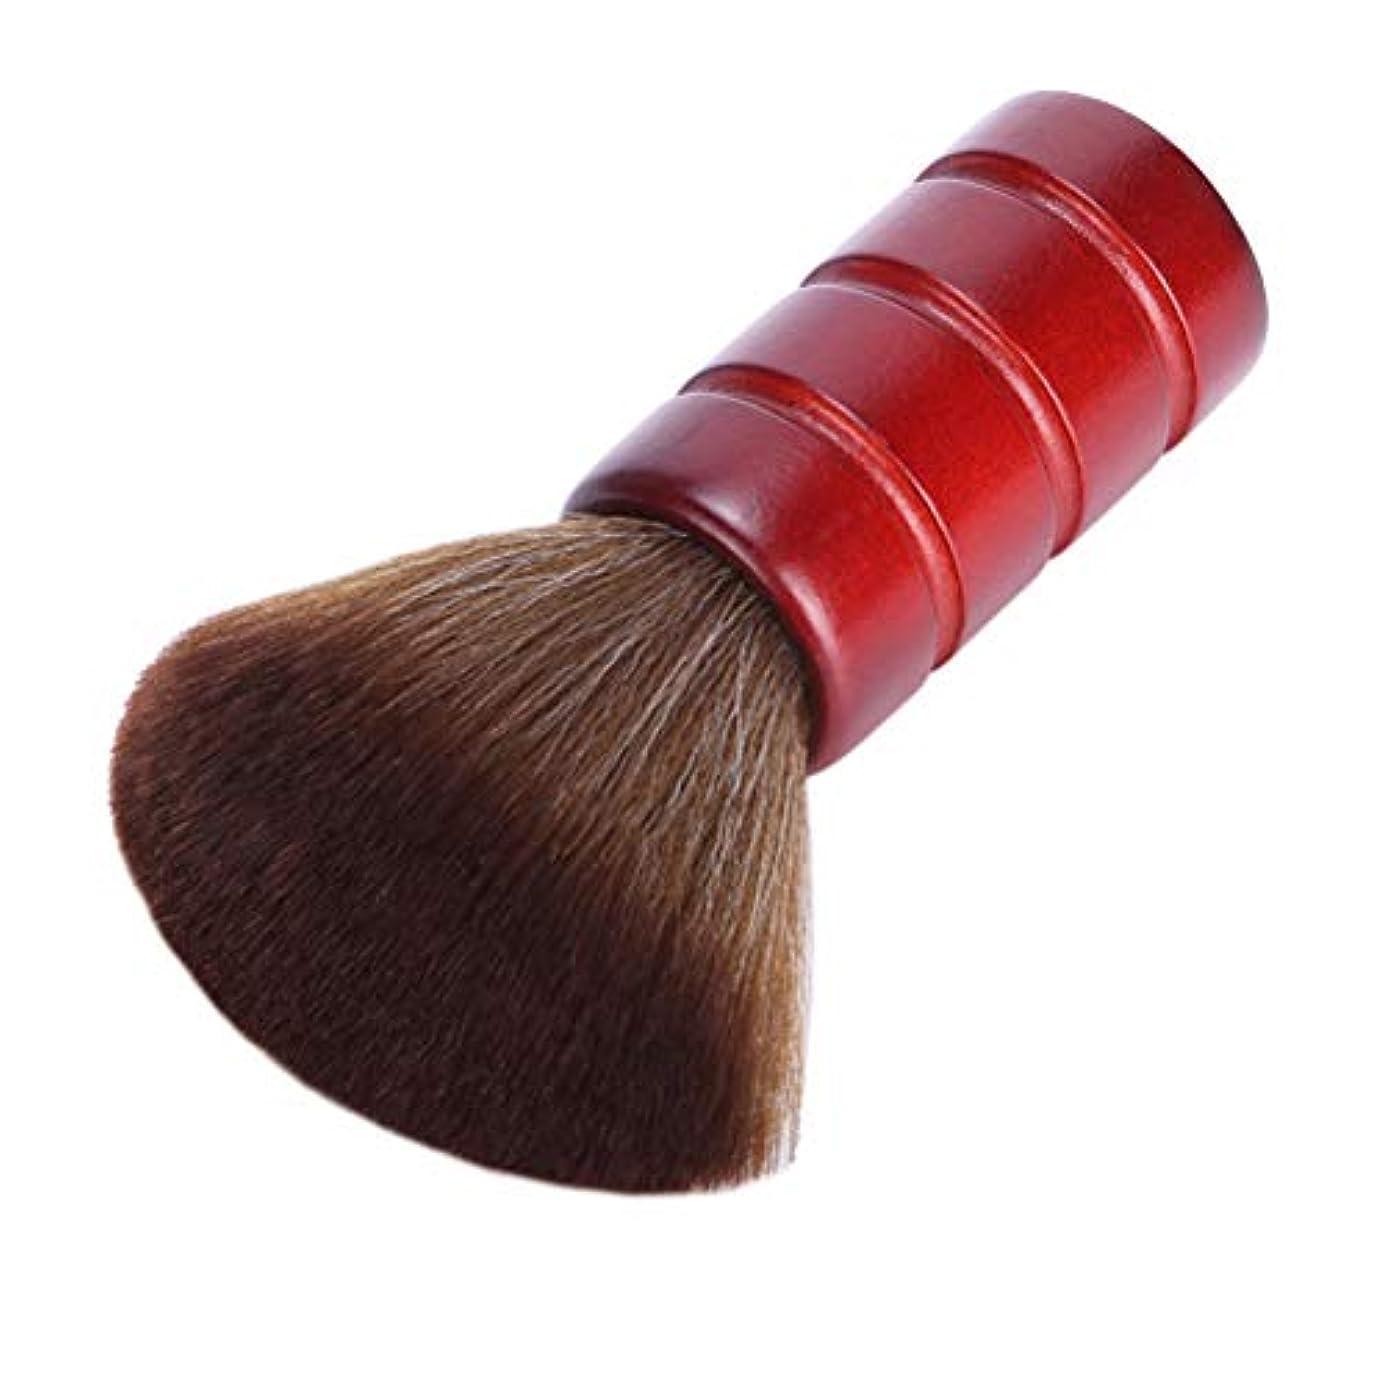 懇願する誤解を招くLurroseプロフェッショナルヘアカットブラシソフトファイバーフェイスネックダスターブラシ理髪サロン理容ツール